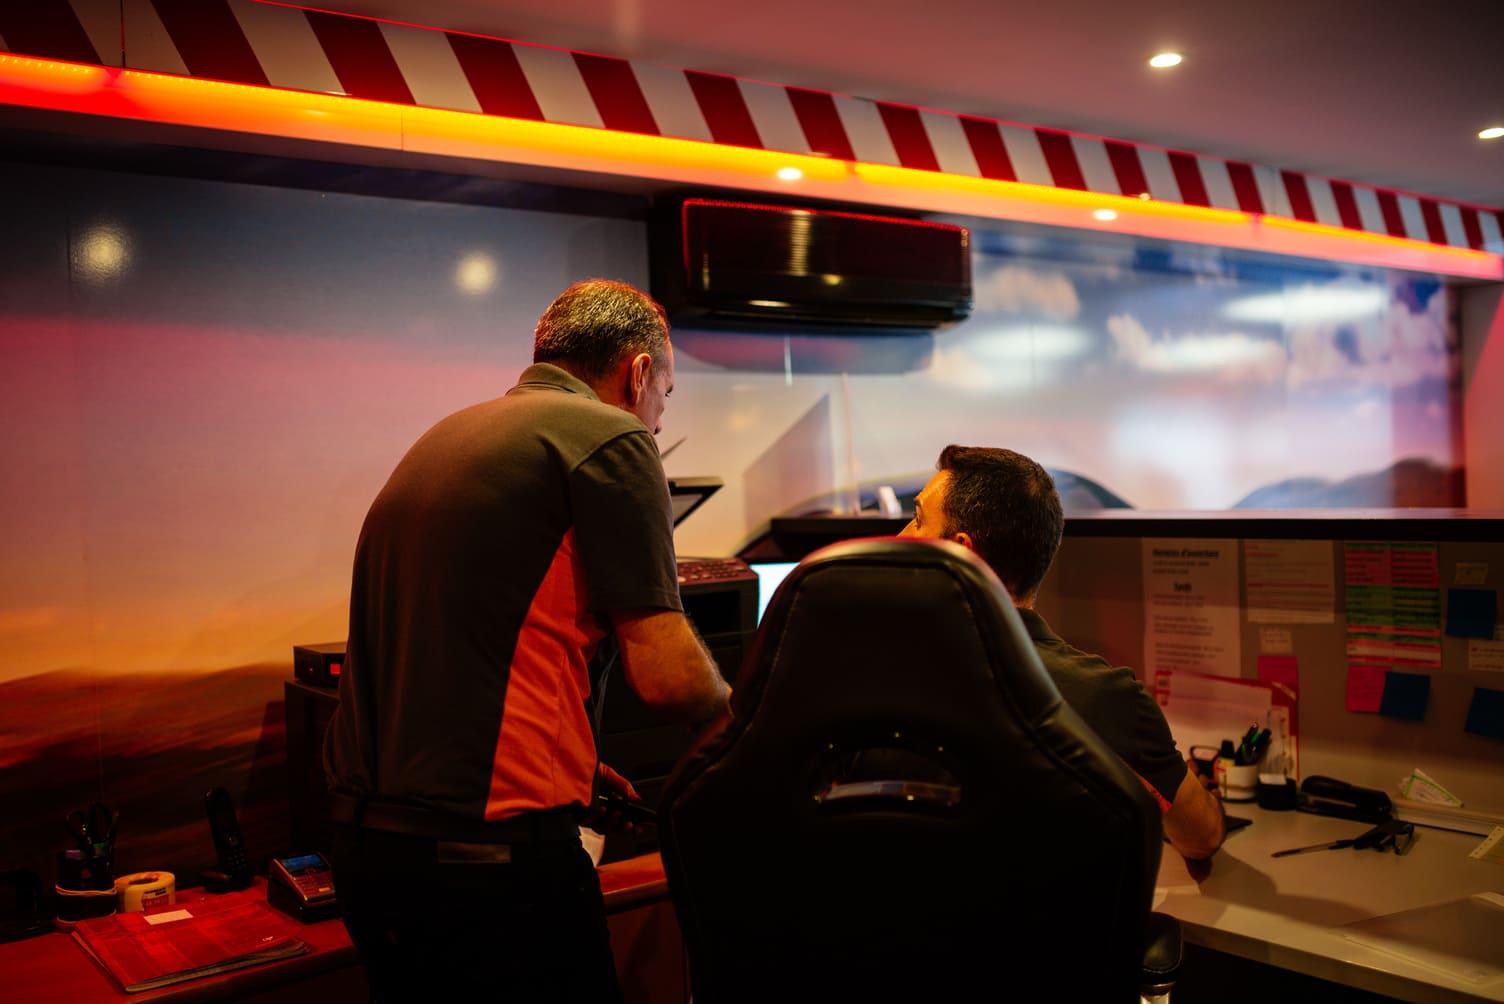 Un contrôleur et un auditeur sont entrain de pratiquer un audit dans un centre de contrôle technique